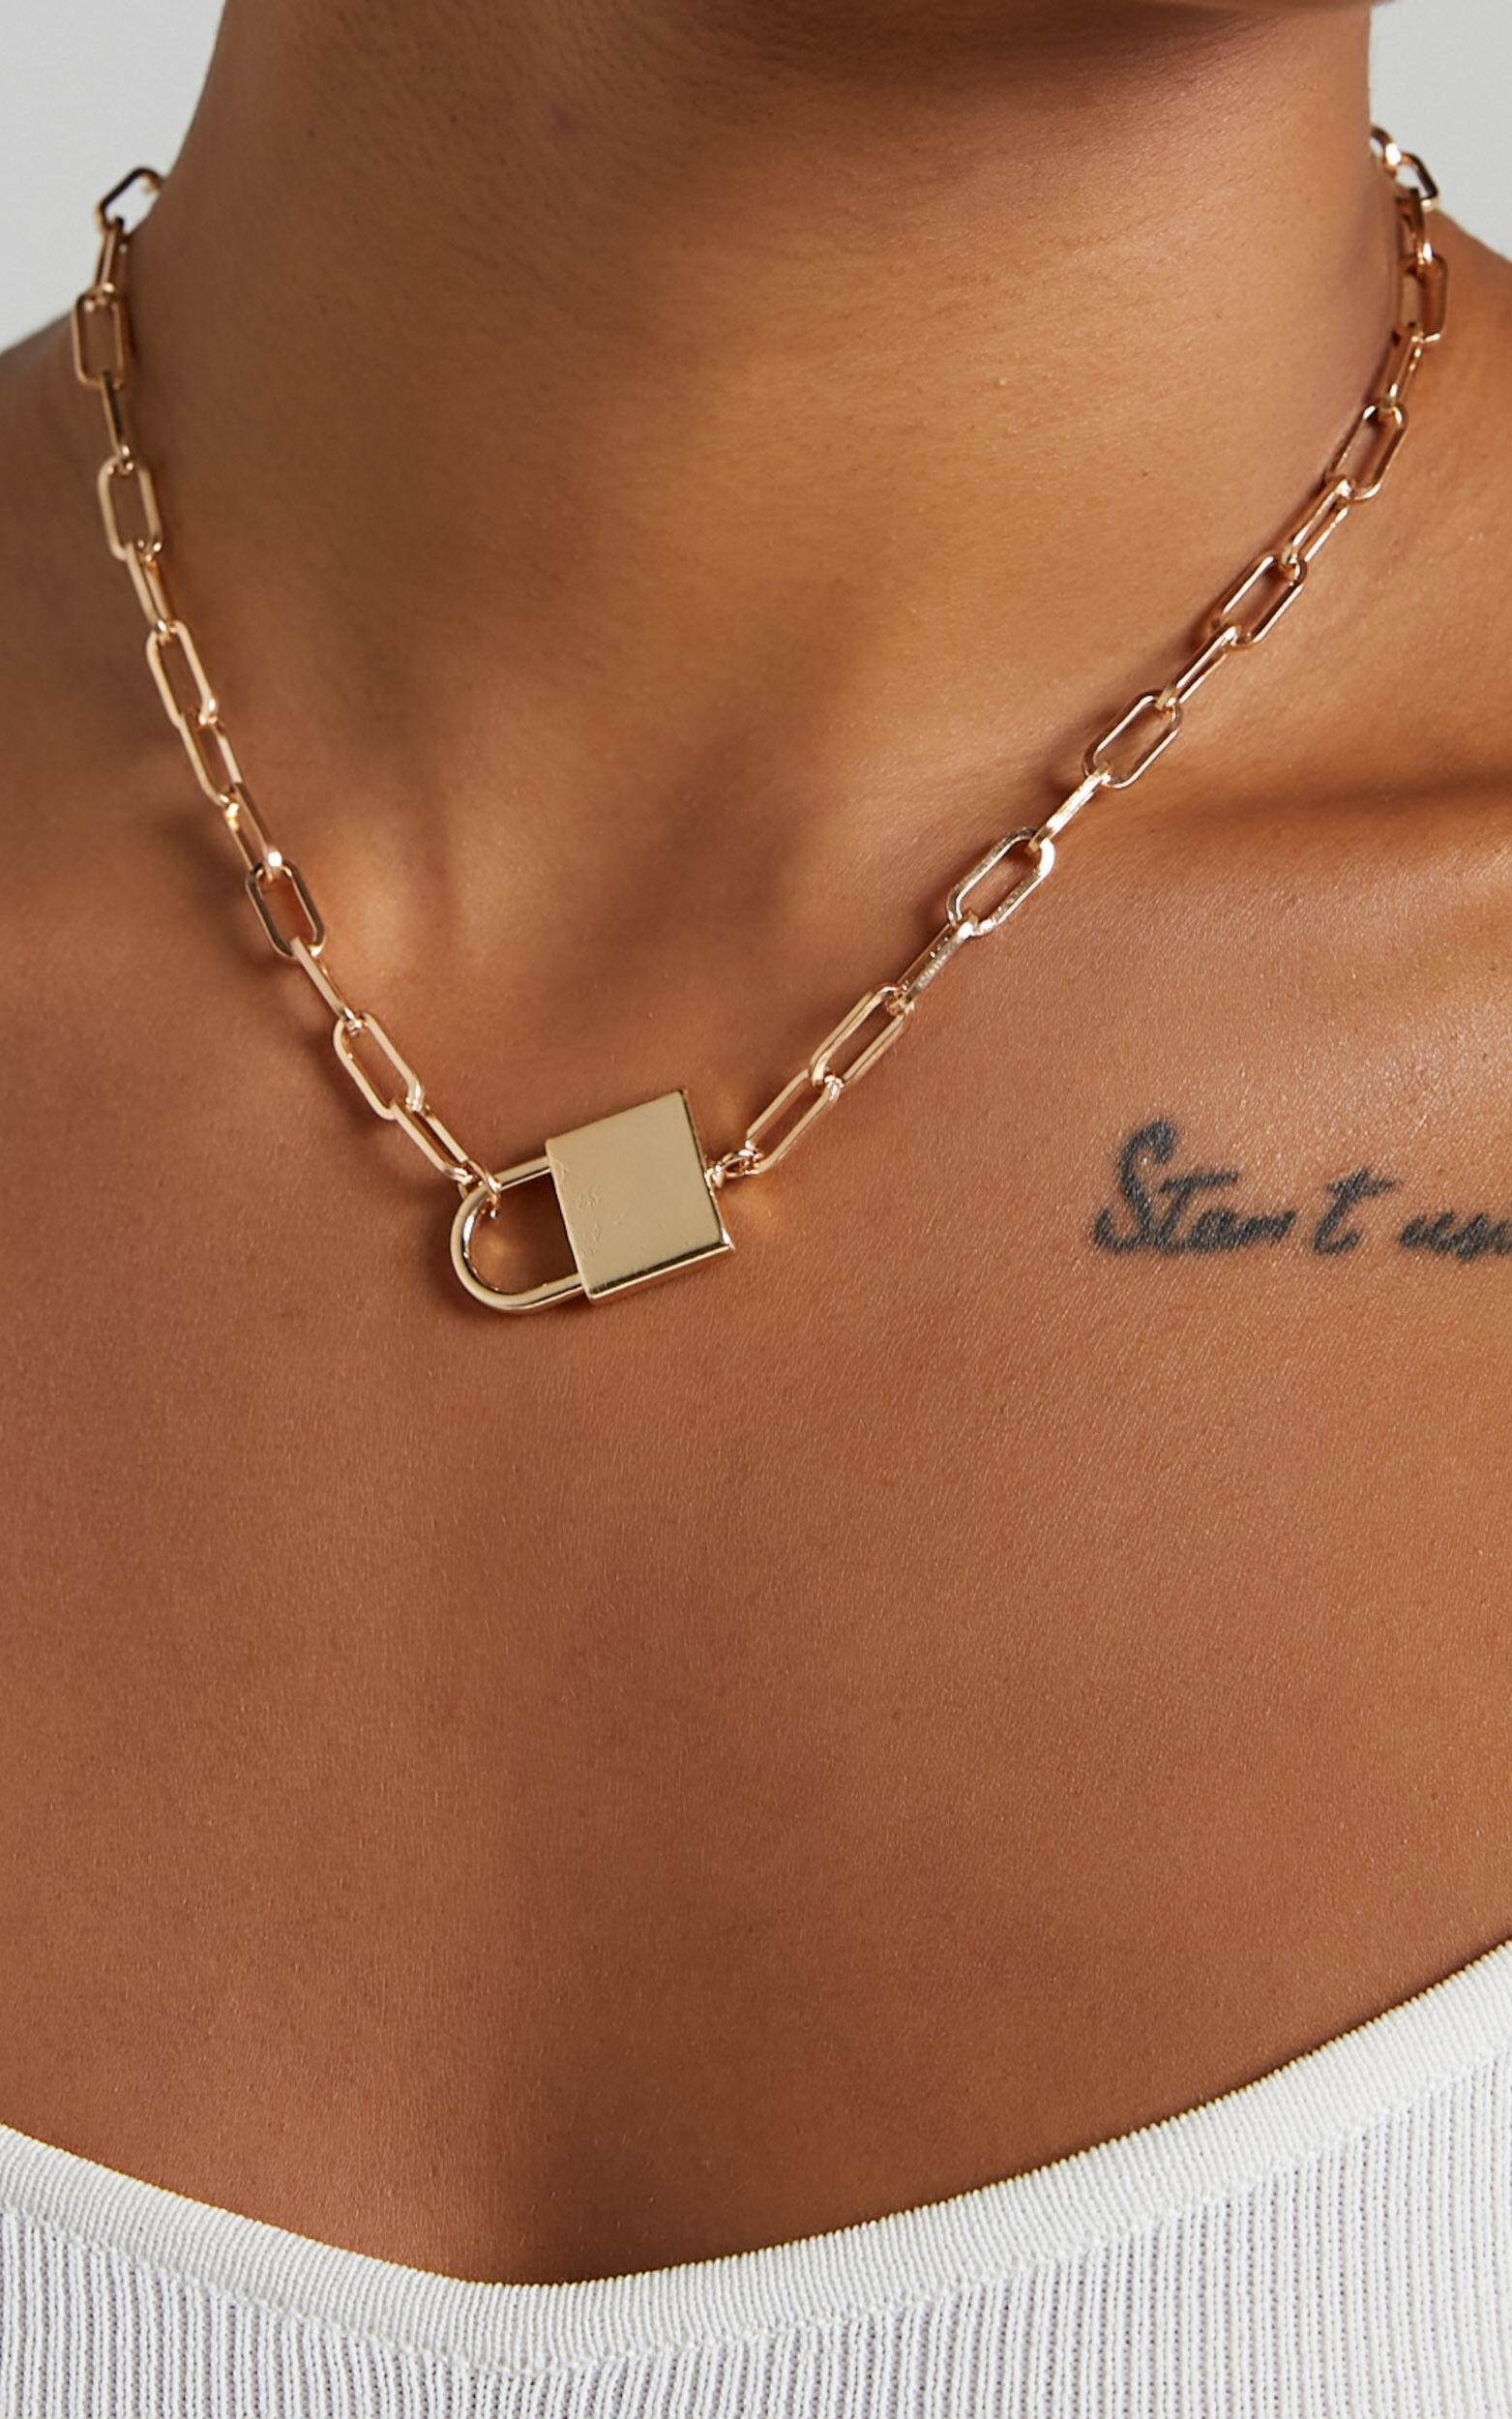 Veesha Necklace in Gold, GLD1, super-hi-res image number null